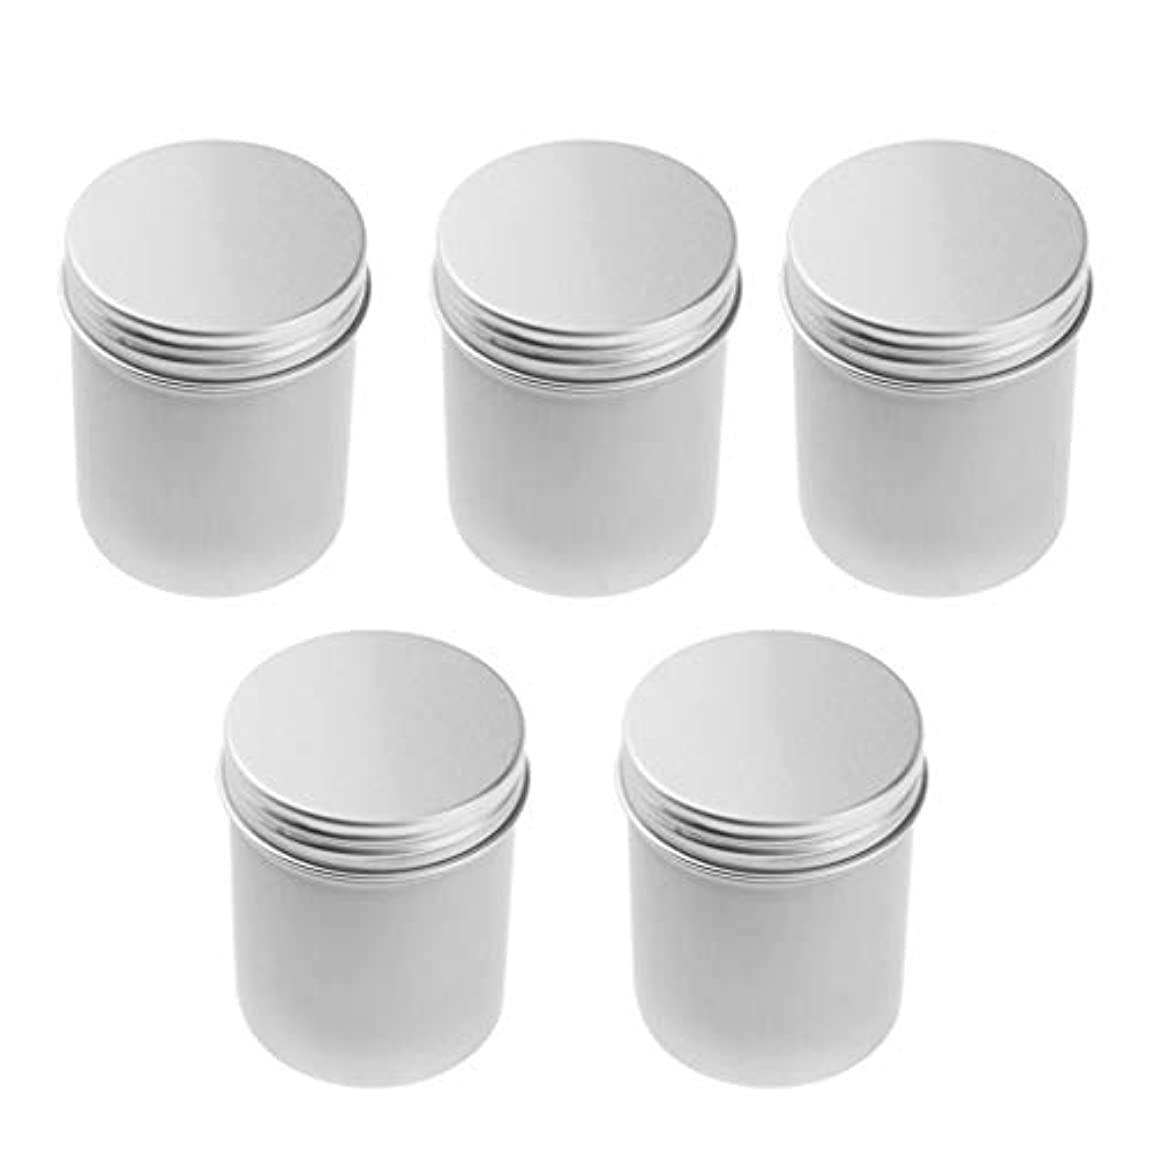 地元民間収まるIPOTCH アルミ缶 ポット コスメ 化粧品 詰替え容器 缶 ネジ蓋 高級アルミ製 5本 80ミリリットル 汎用